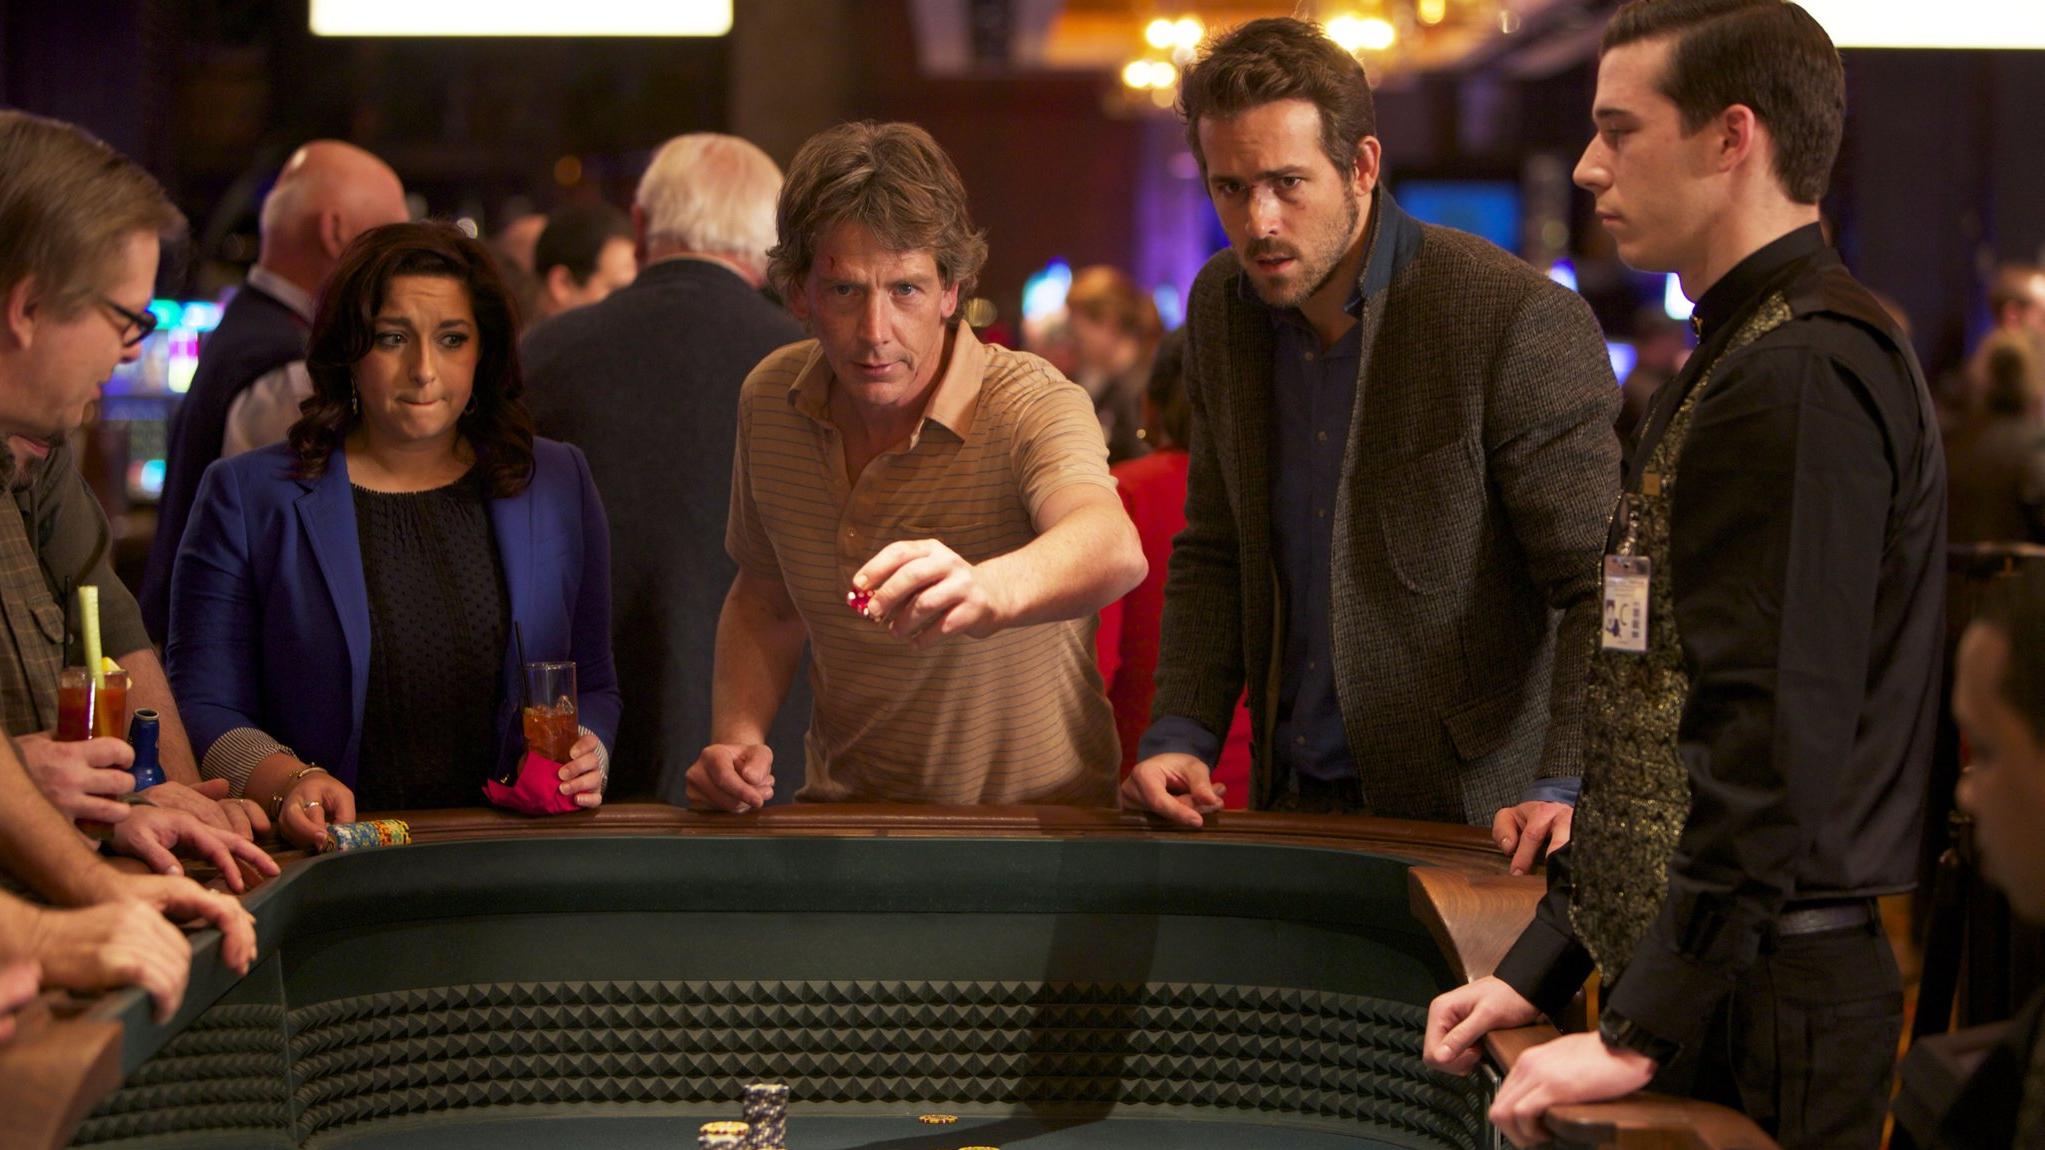 Фильм онлайн покер 2015 карты для взрослых играть